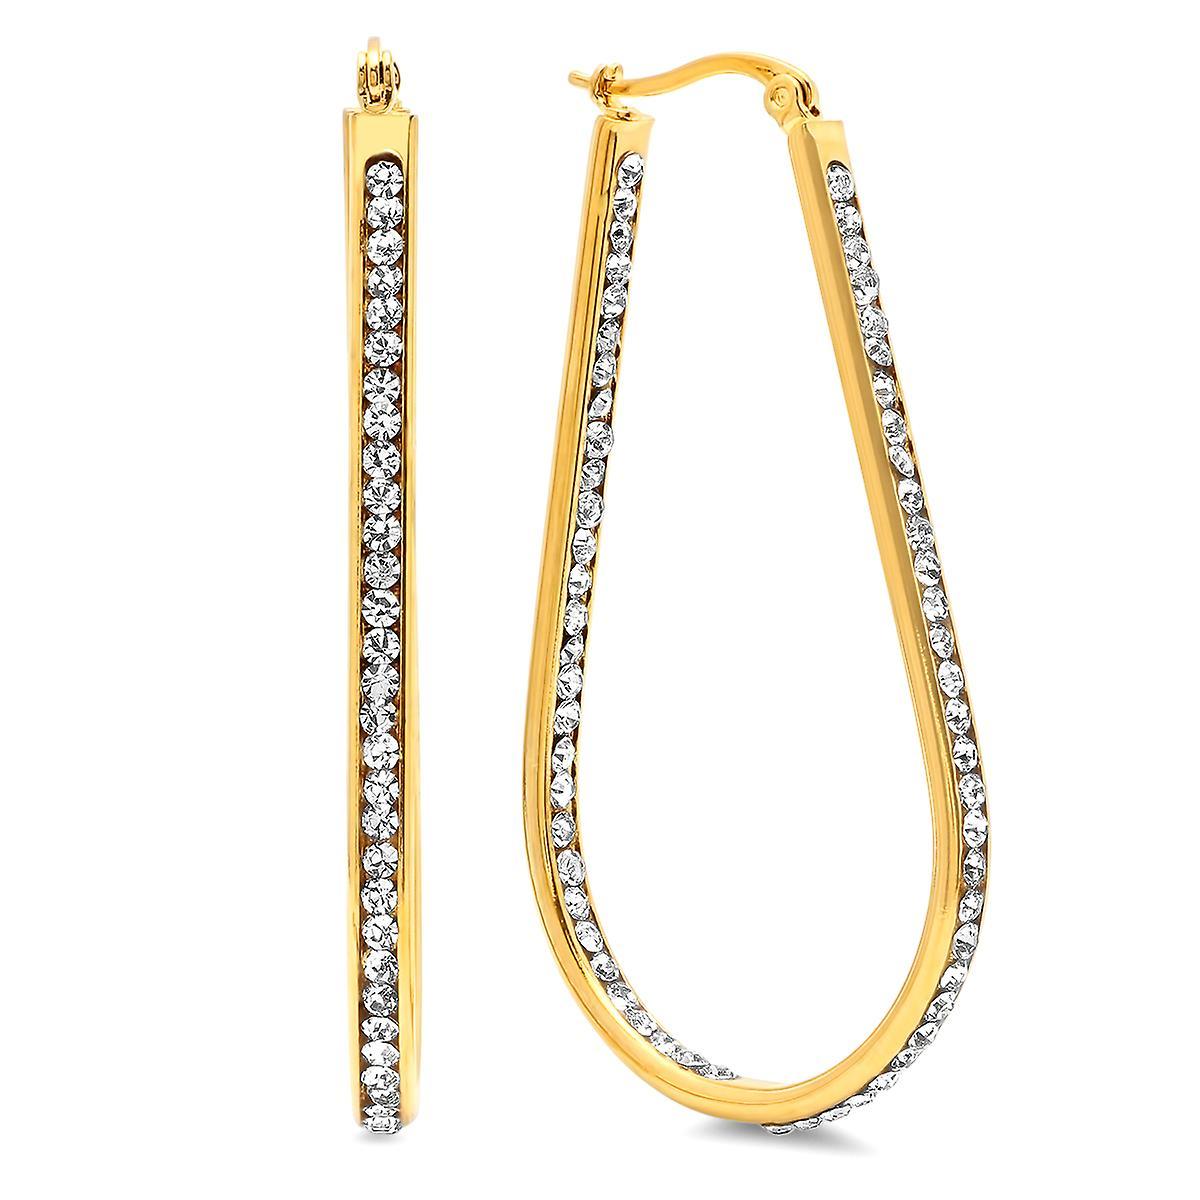 Ladies 18K Gold Plated Stainless Steel Simulated Diamond Hoop Earrings